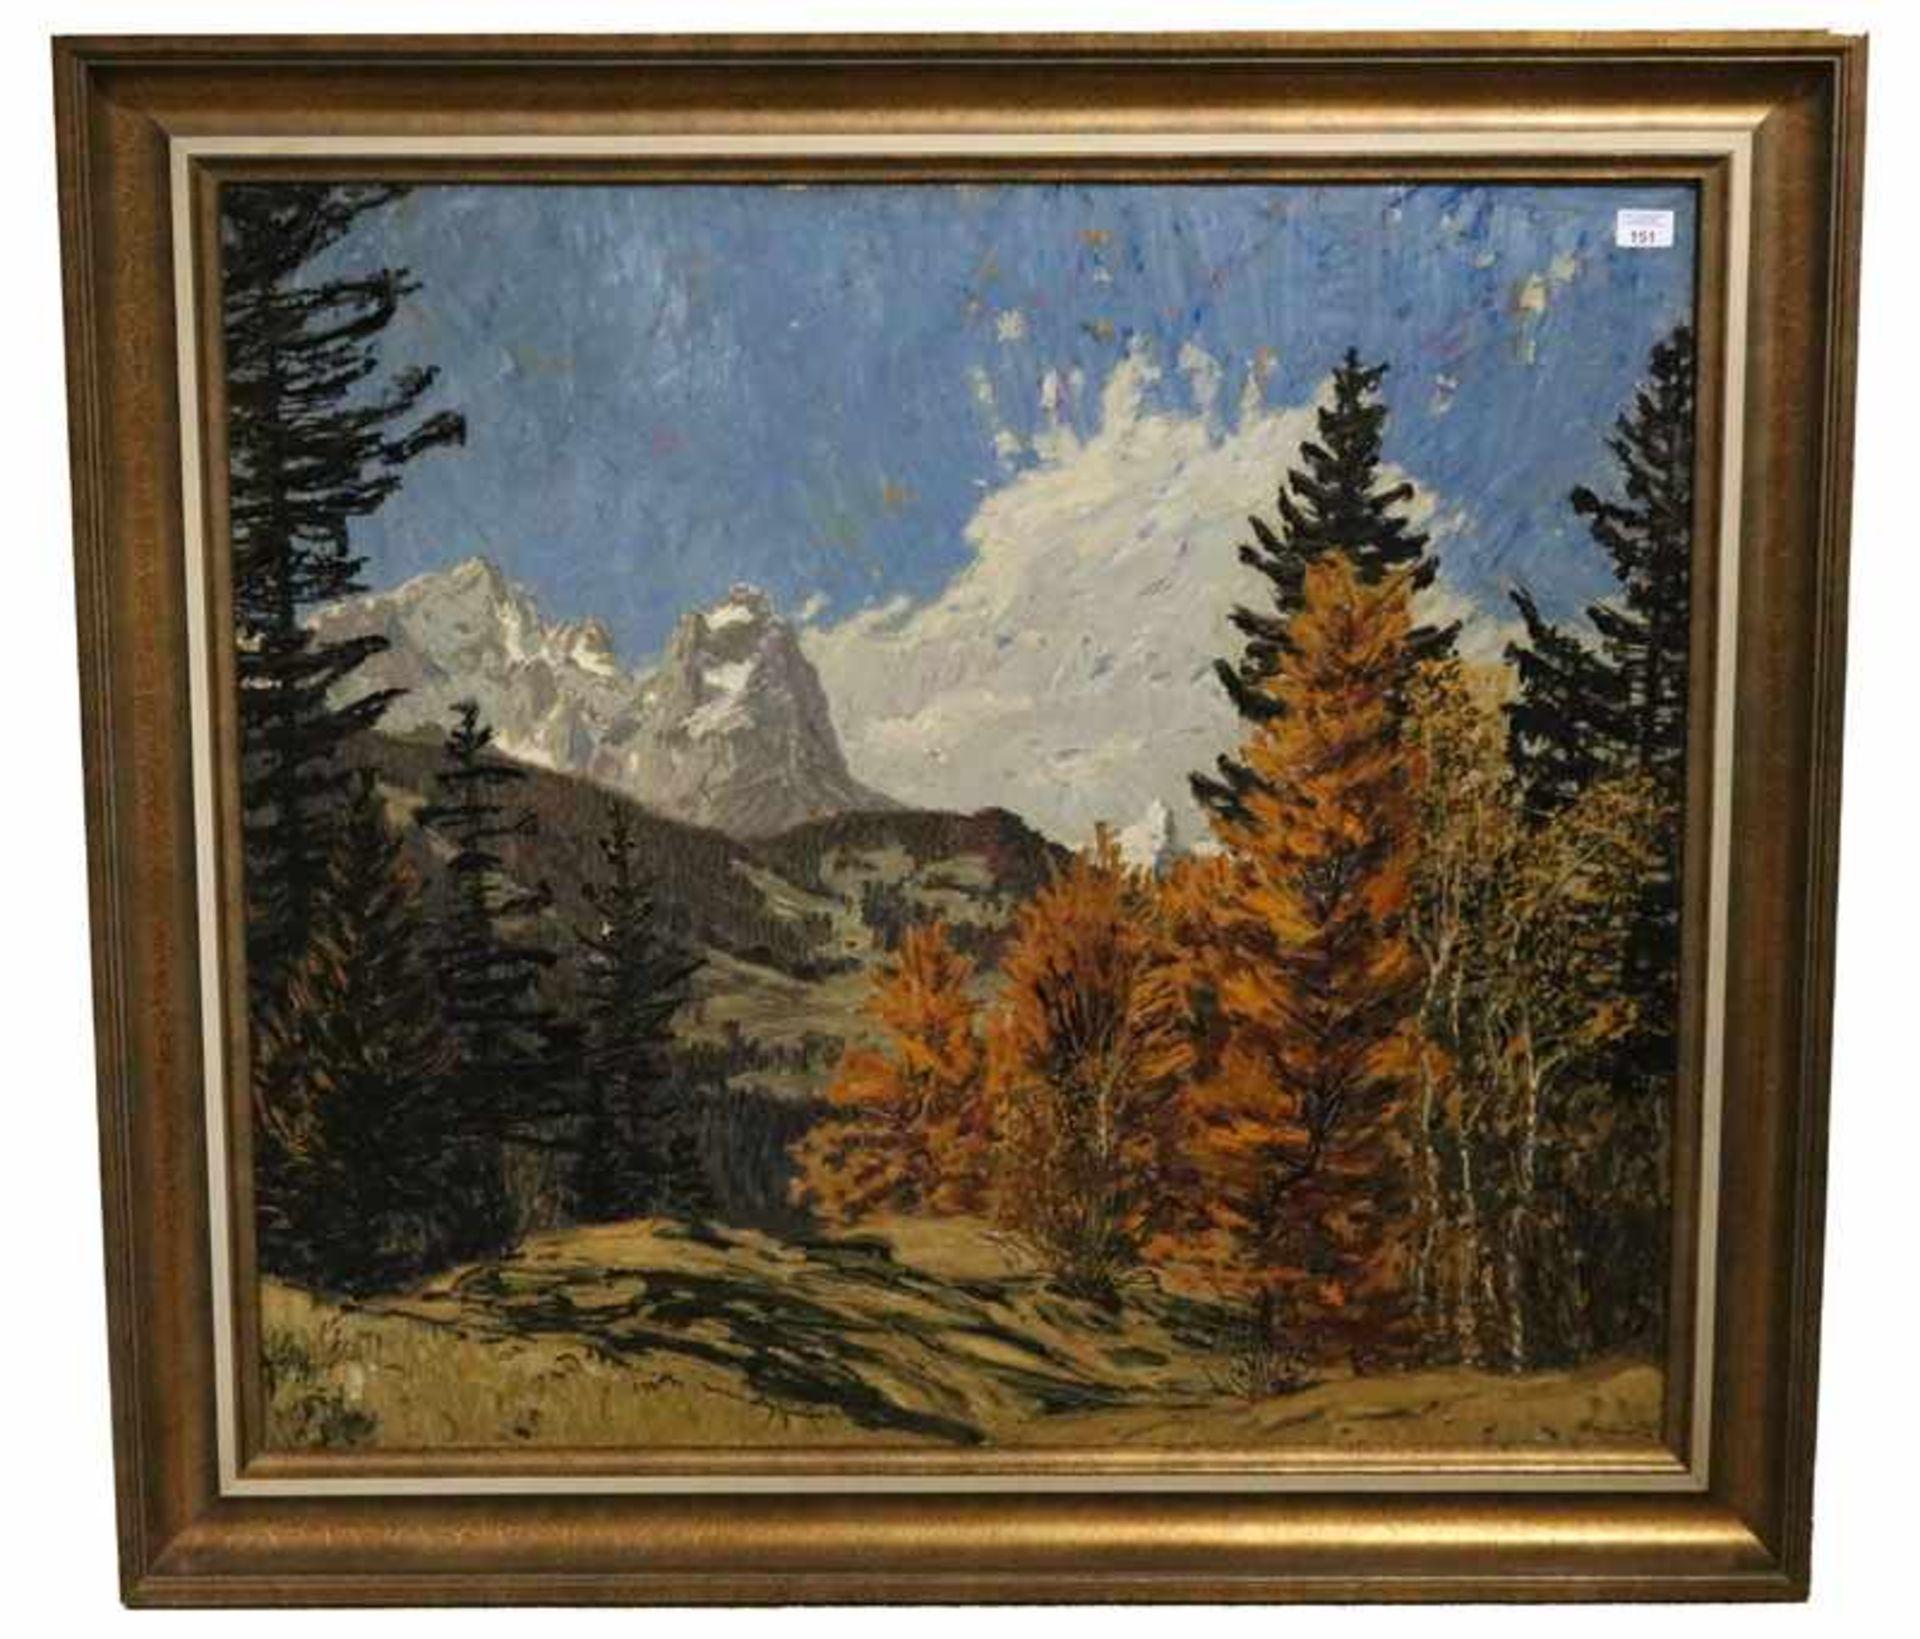 Los 151 - Gemälde ÖL/LW 'Blick auf Zugspitzgruppe', signiert Bauriedel, Otto, * 1881 München + 1961,